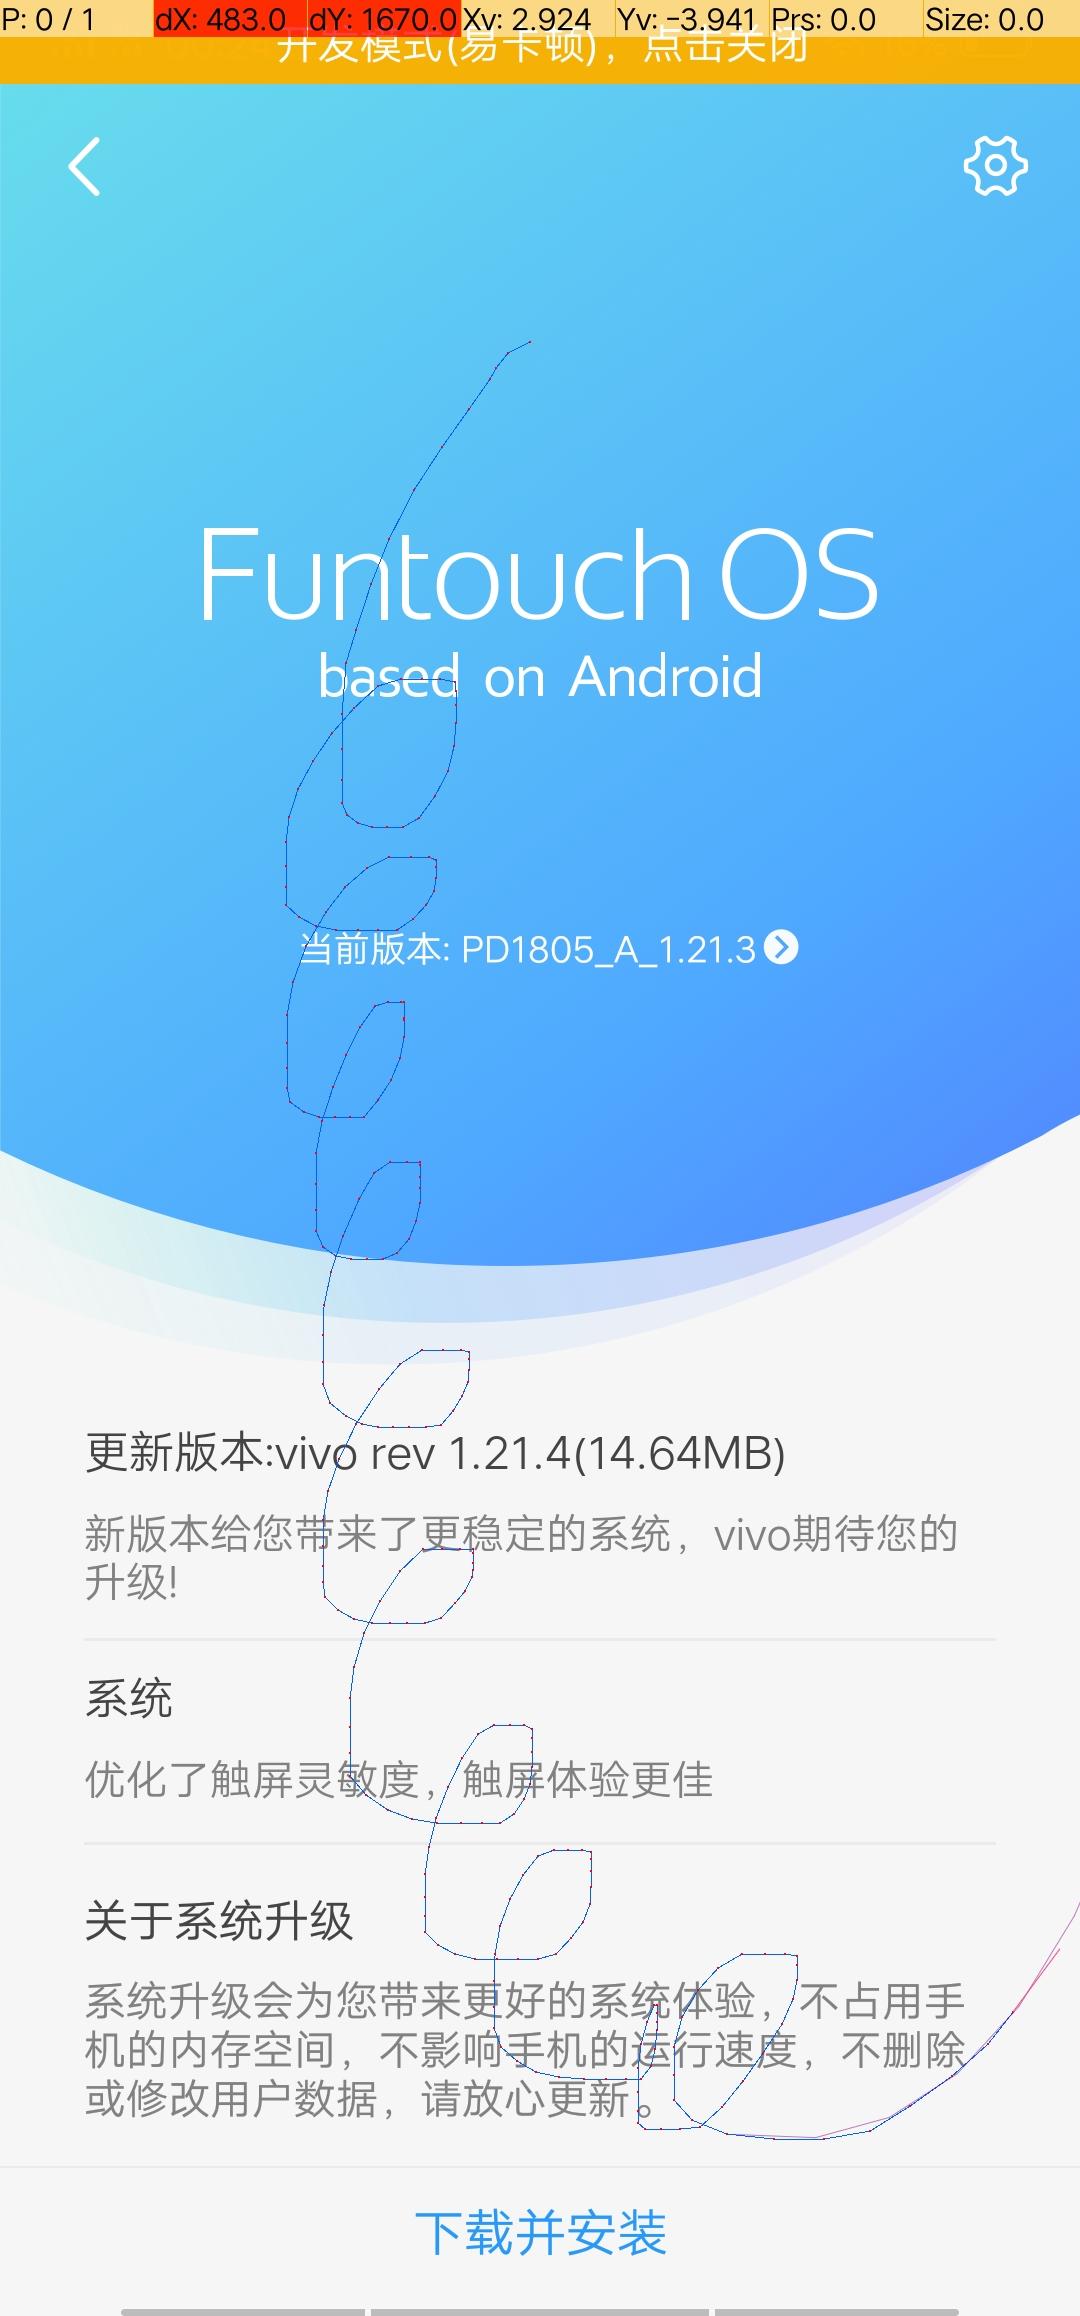 Screenshot_20181110_002421.jpg